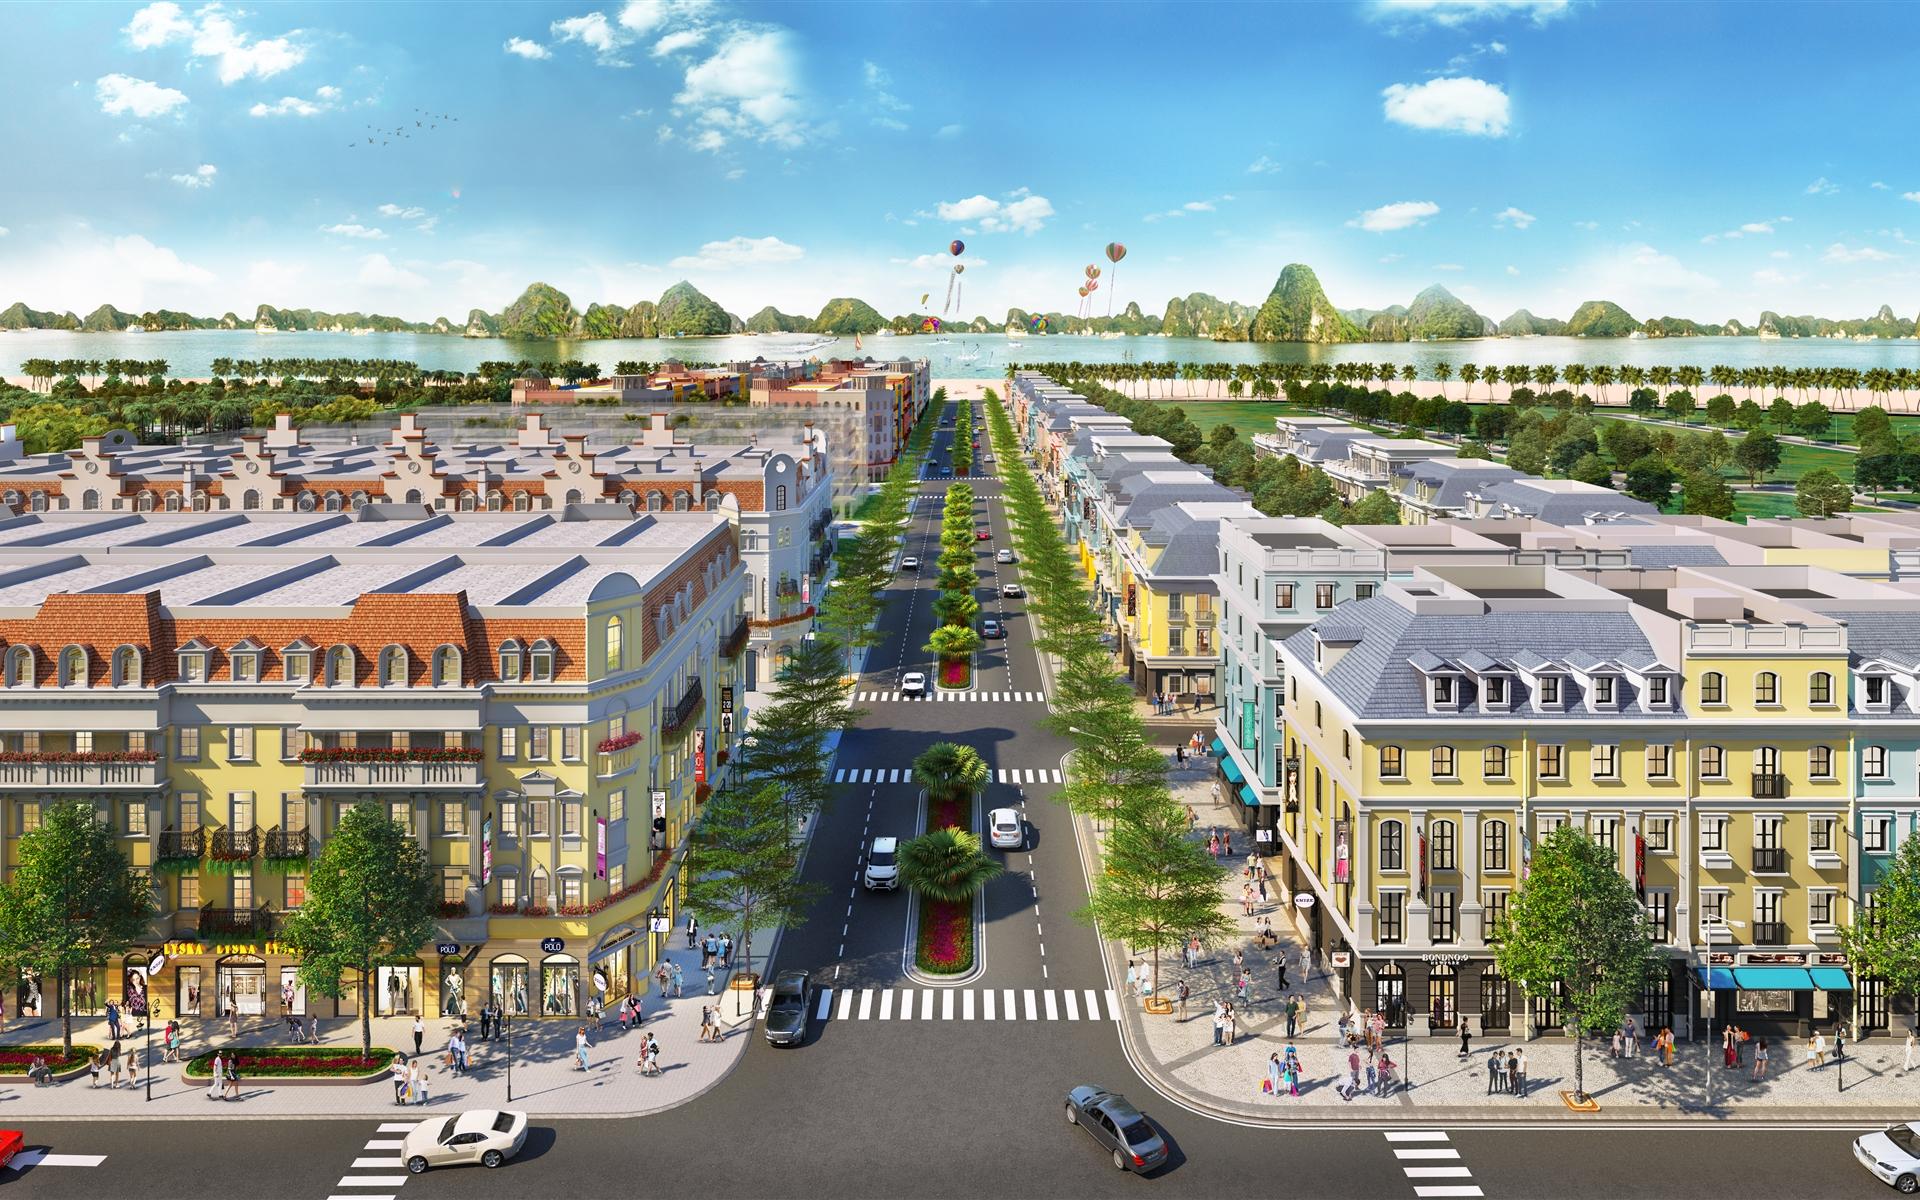 Landsoft Control – Cánh tay đắc lực giúp SunGroup quản lý vận hành tòa nhà chung cư và Shophouse